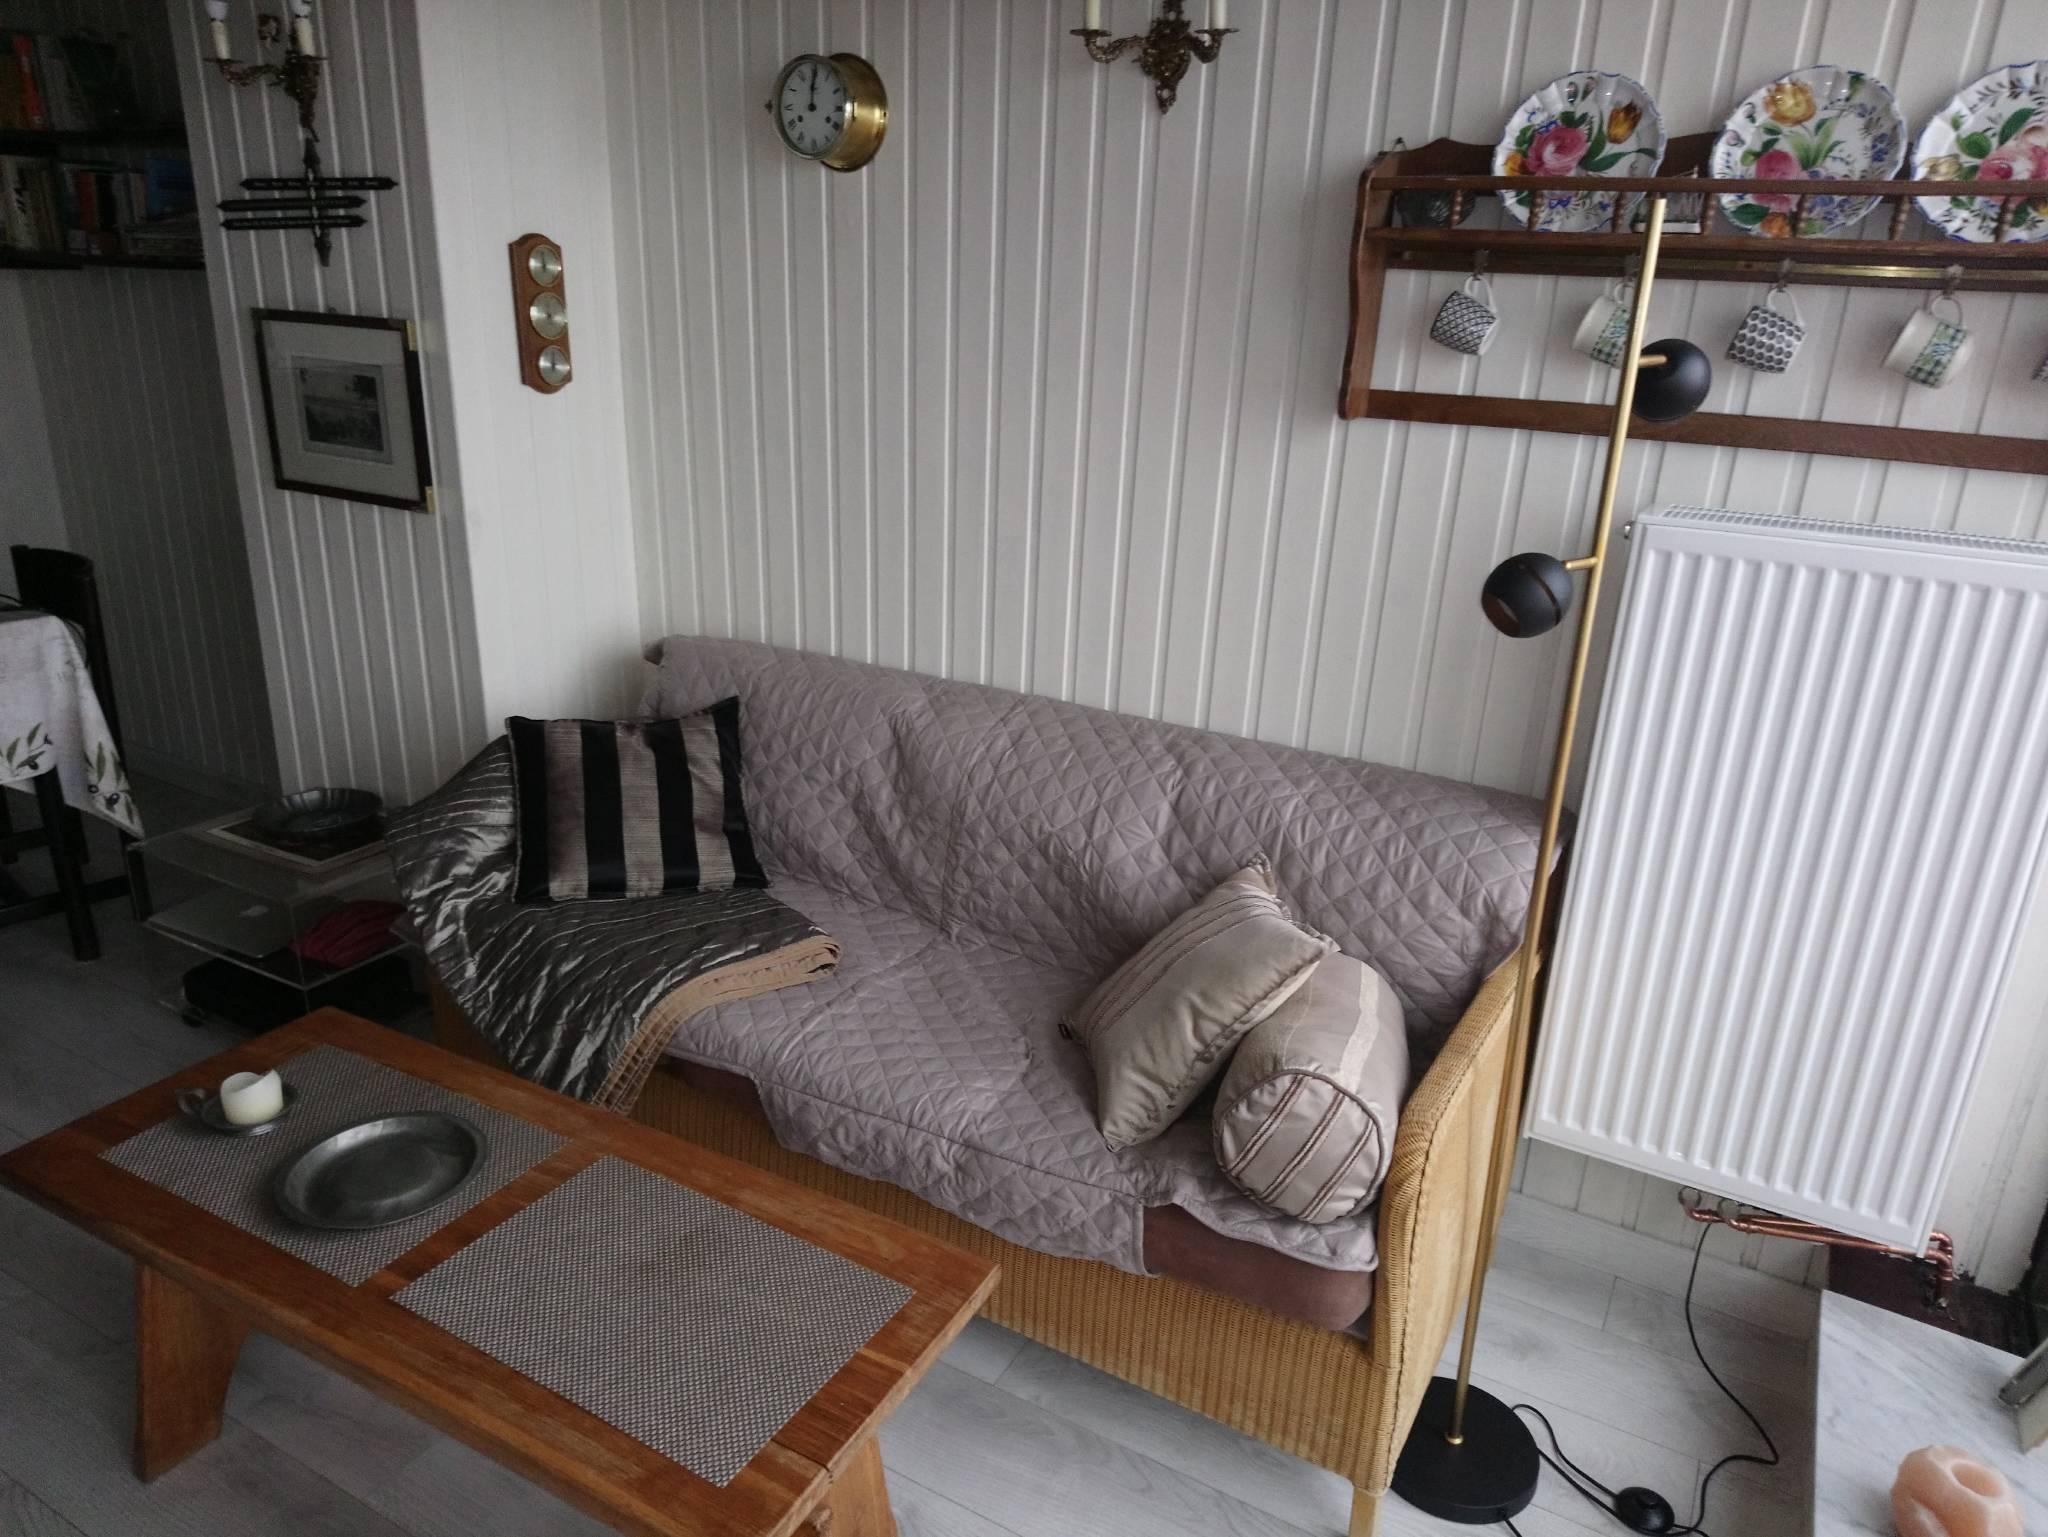 ferienwohnung 39 meerblick 39 belgien in middelkerke westende bad flandern heidrun hasse andersen. Black Bedroom Furniture Sets. Home Design Ideas